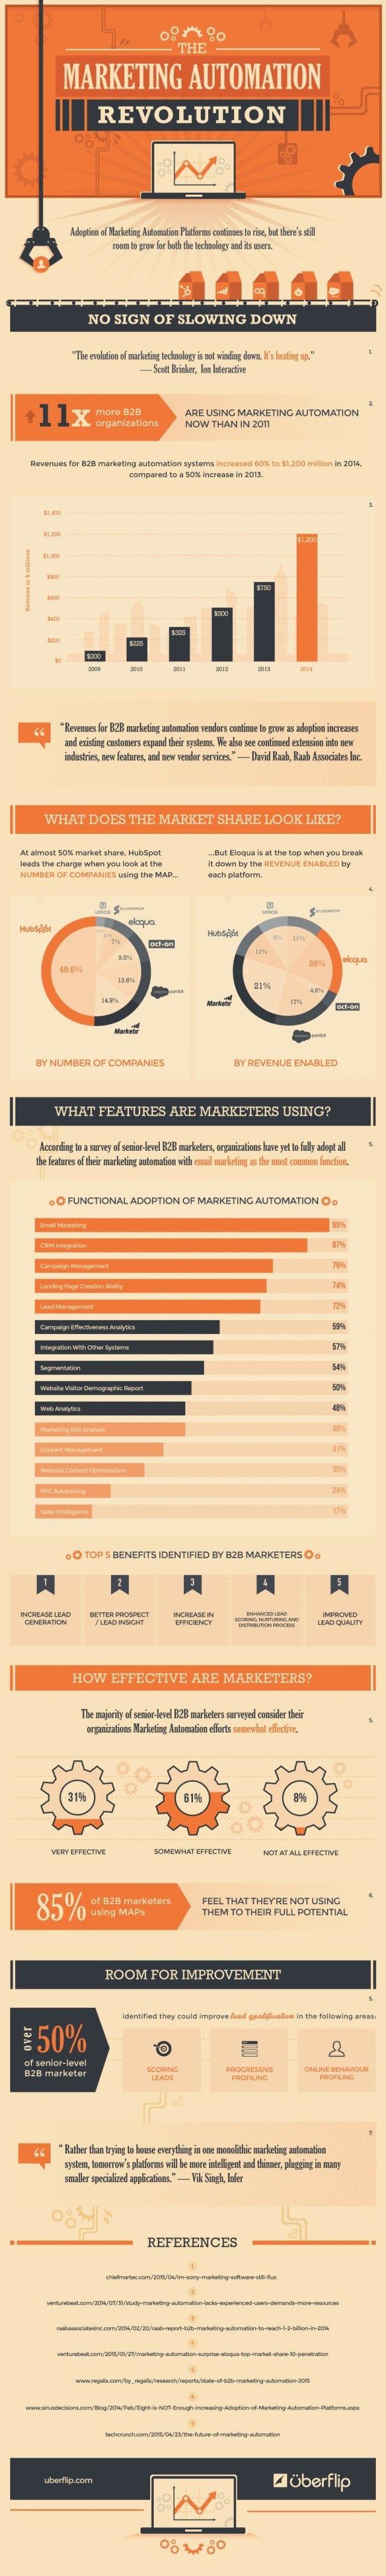 State of B2B Marketing Automation